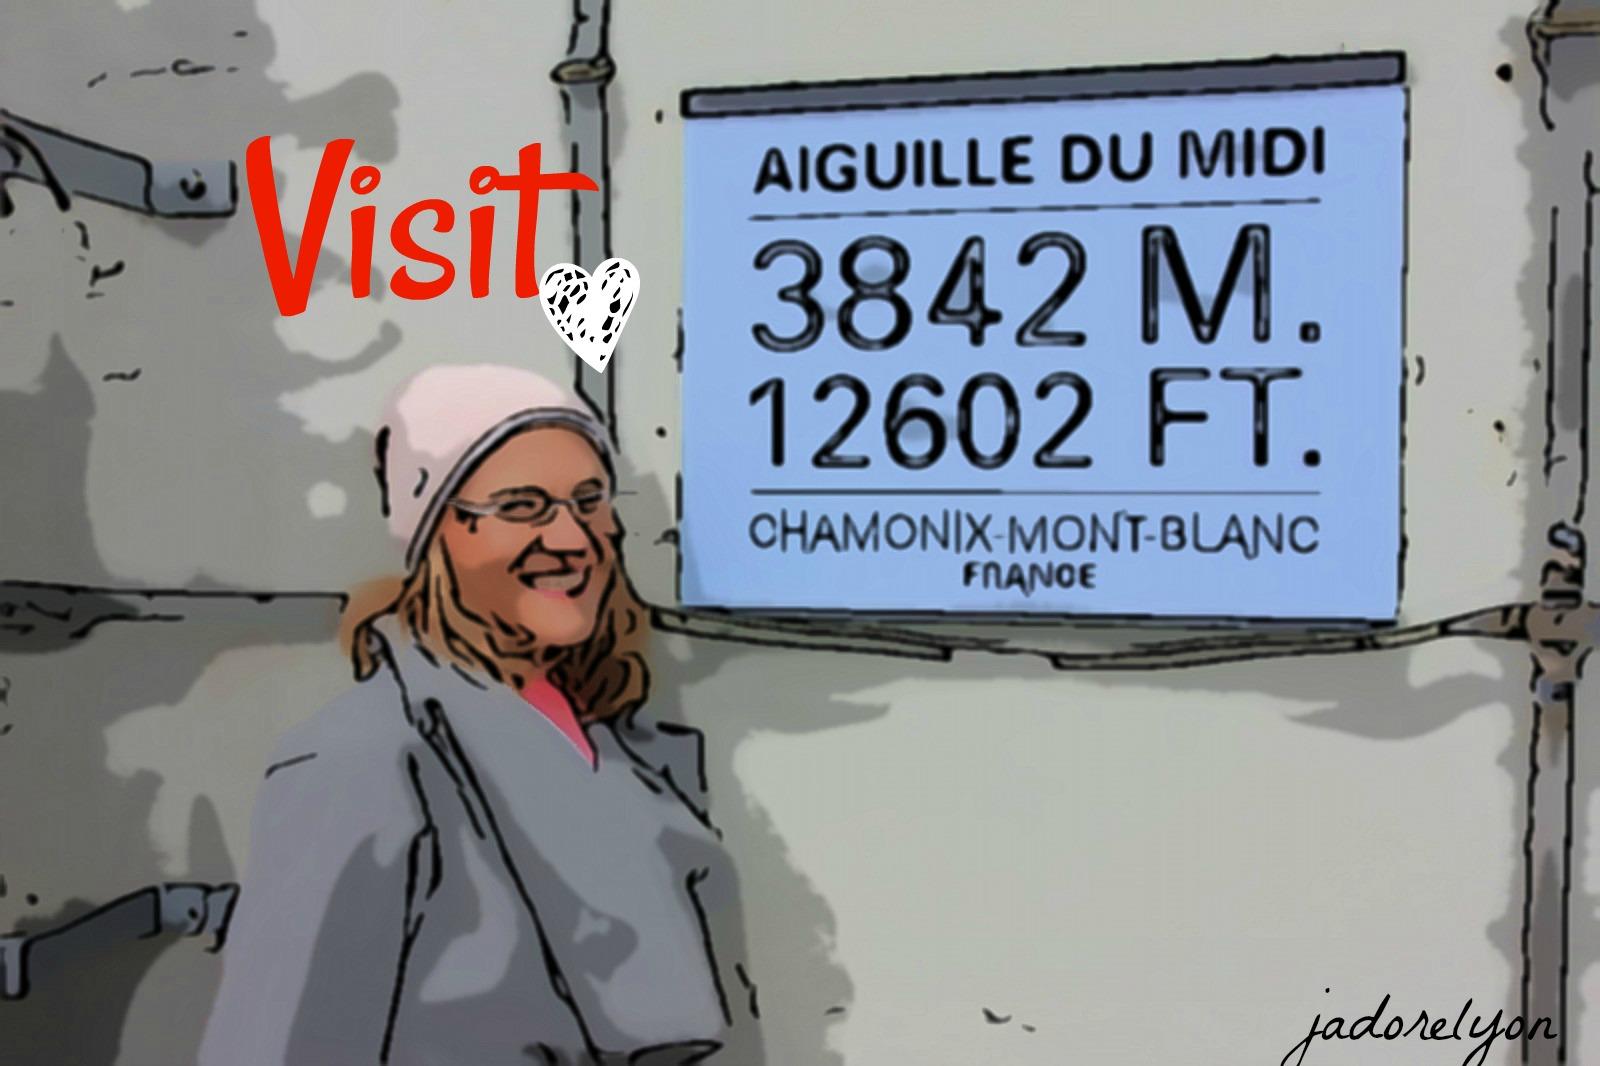 Visit L'Aiguille du Midi